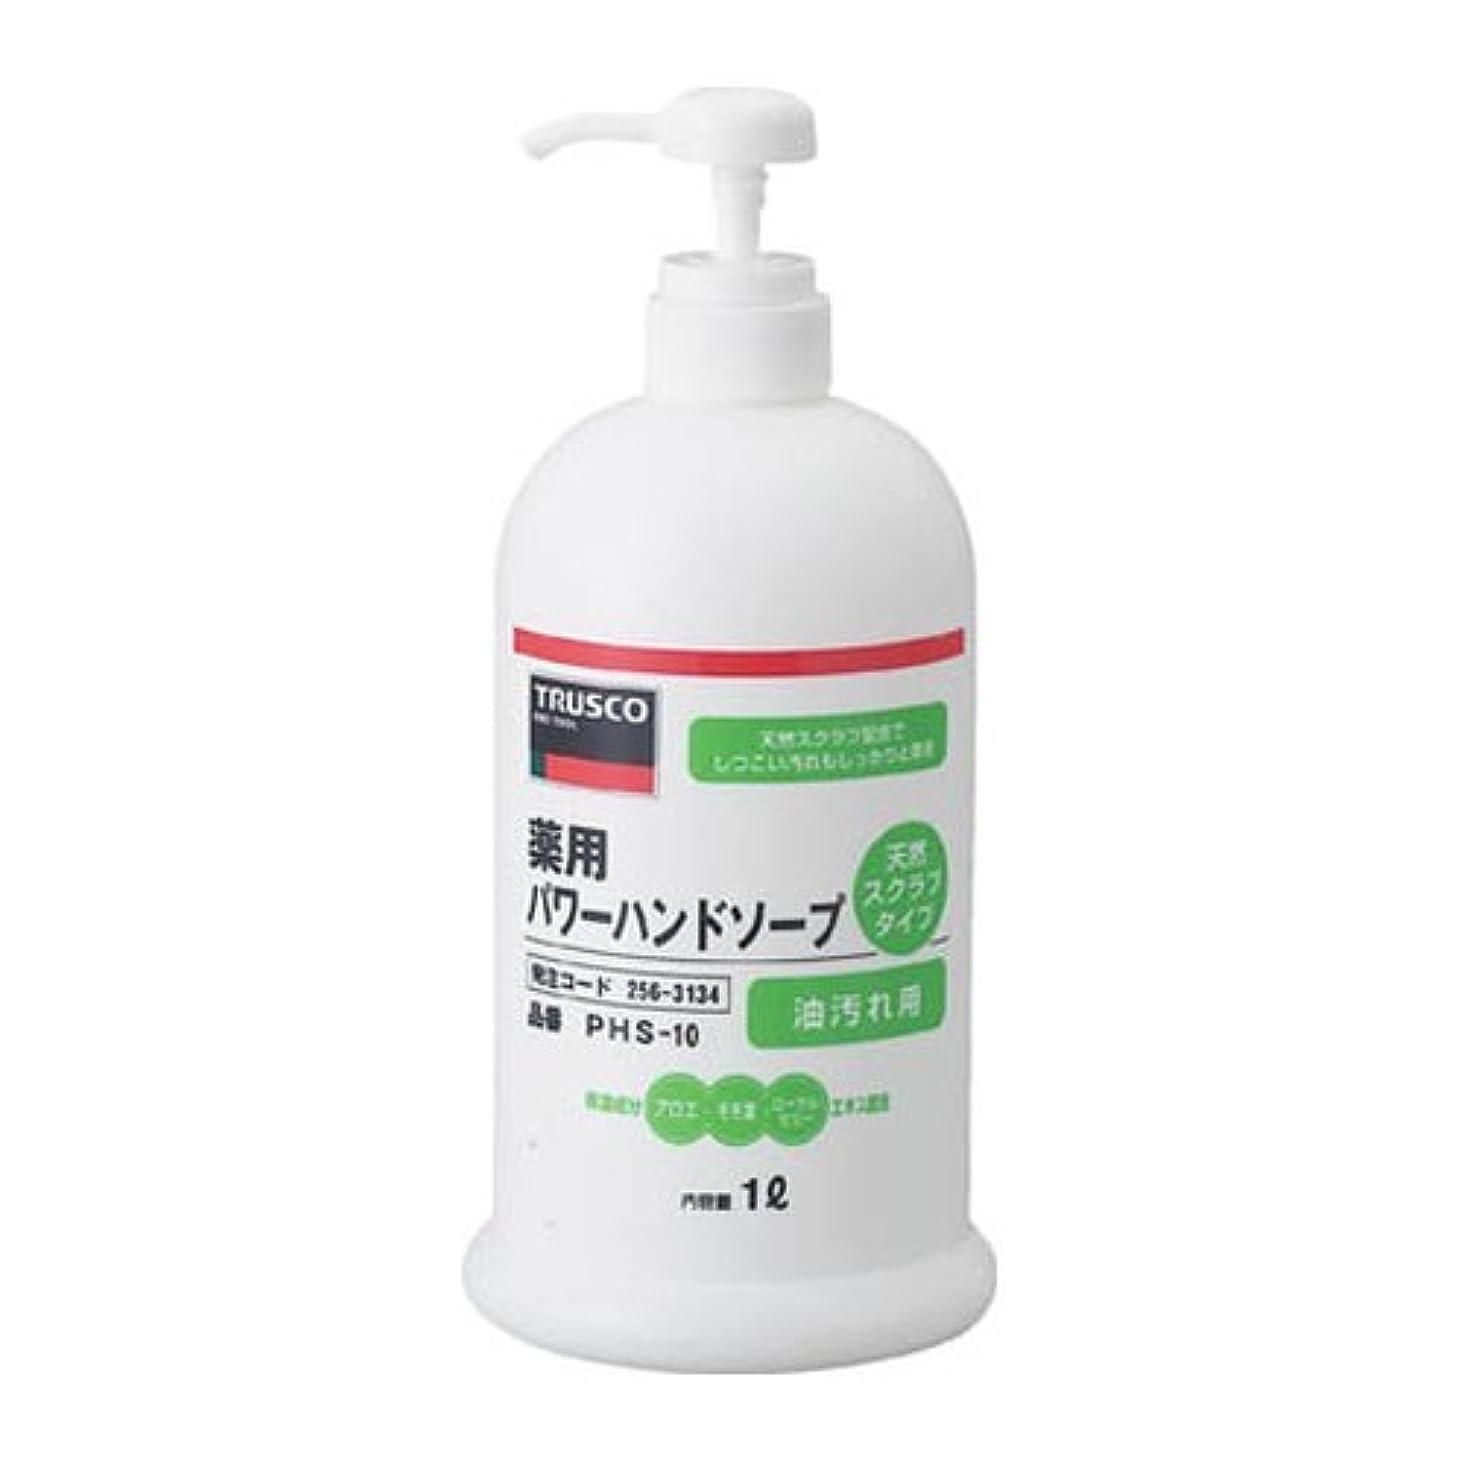 マーチャンダイザー提案する散歩に行くTRUSCO 薬用パワーハンドソープポンプボトル1.0L